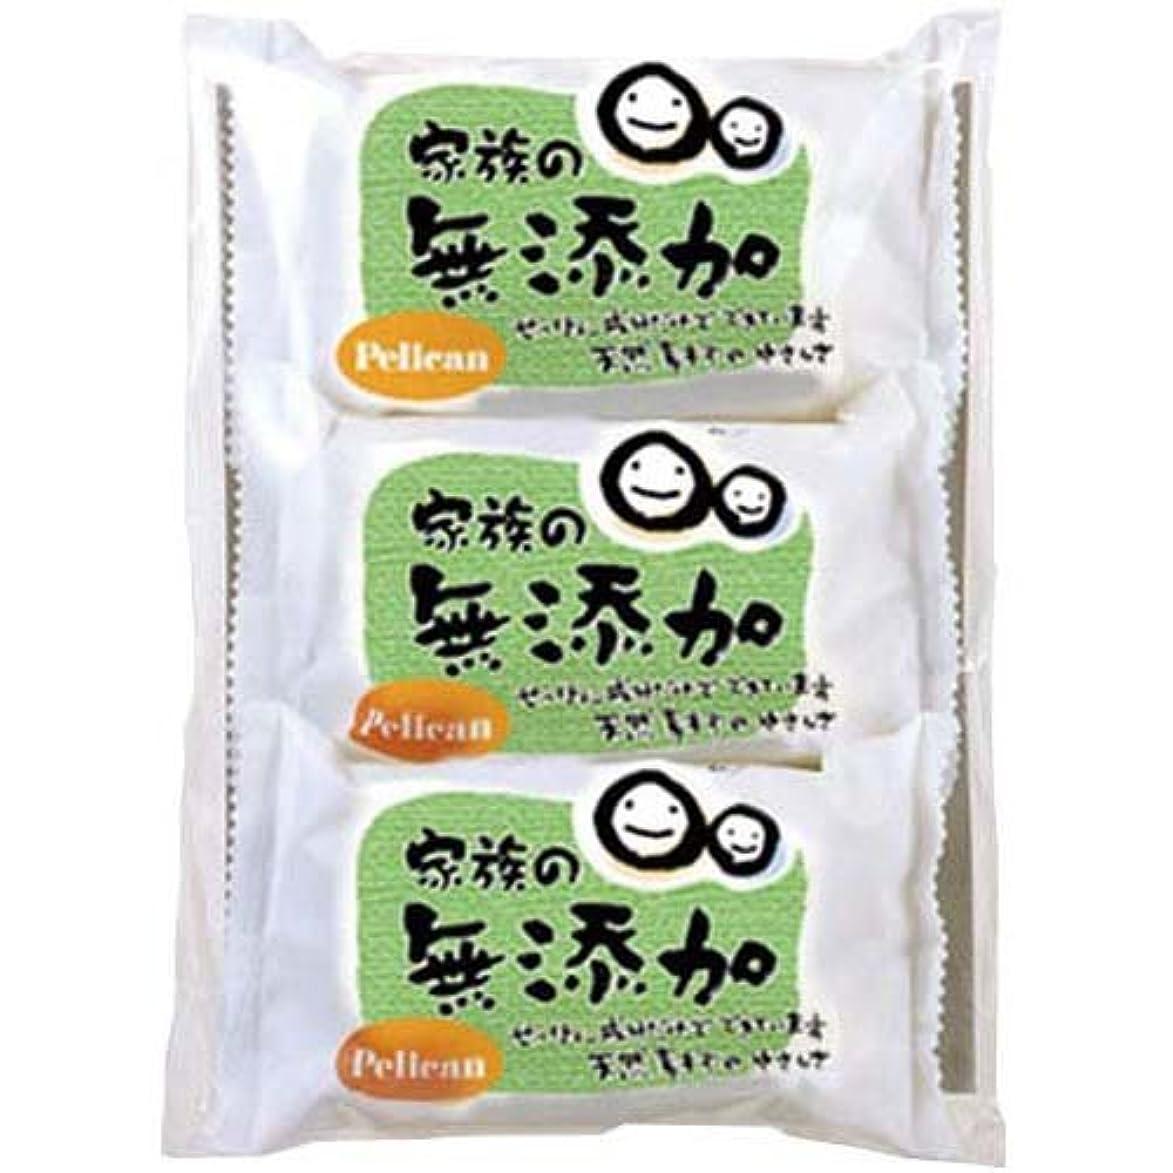 ピジンするスキャンペリカン石鹸 家族の無添加石鹸100g×3個×4パック